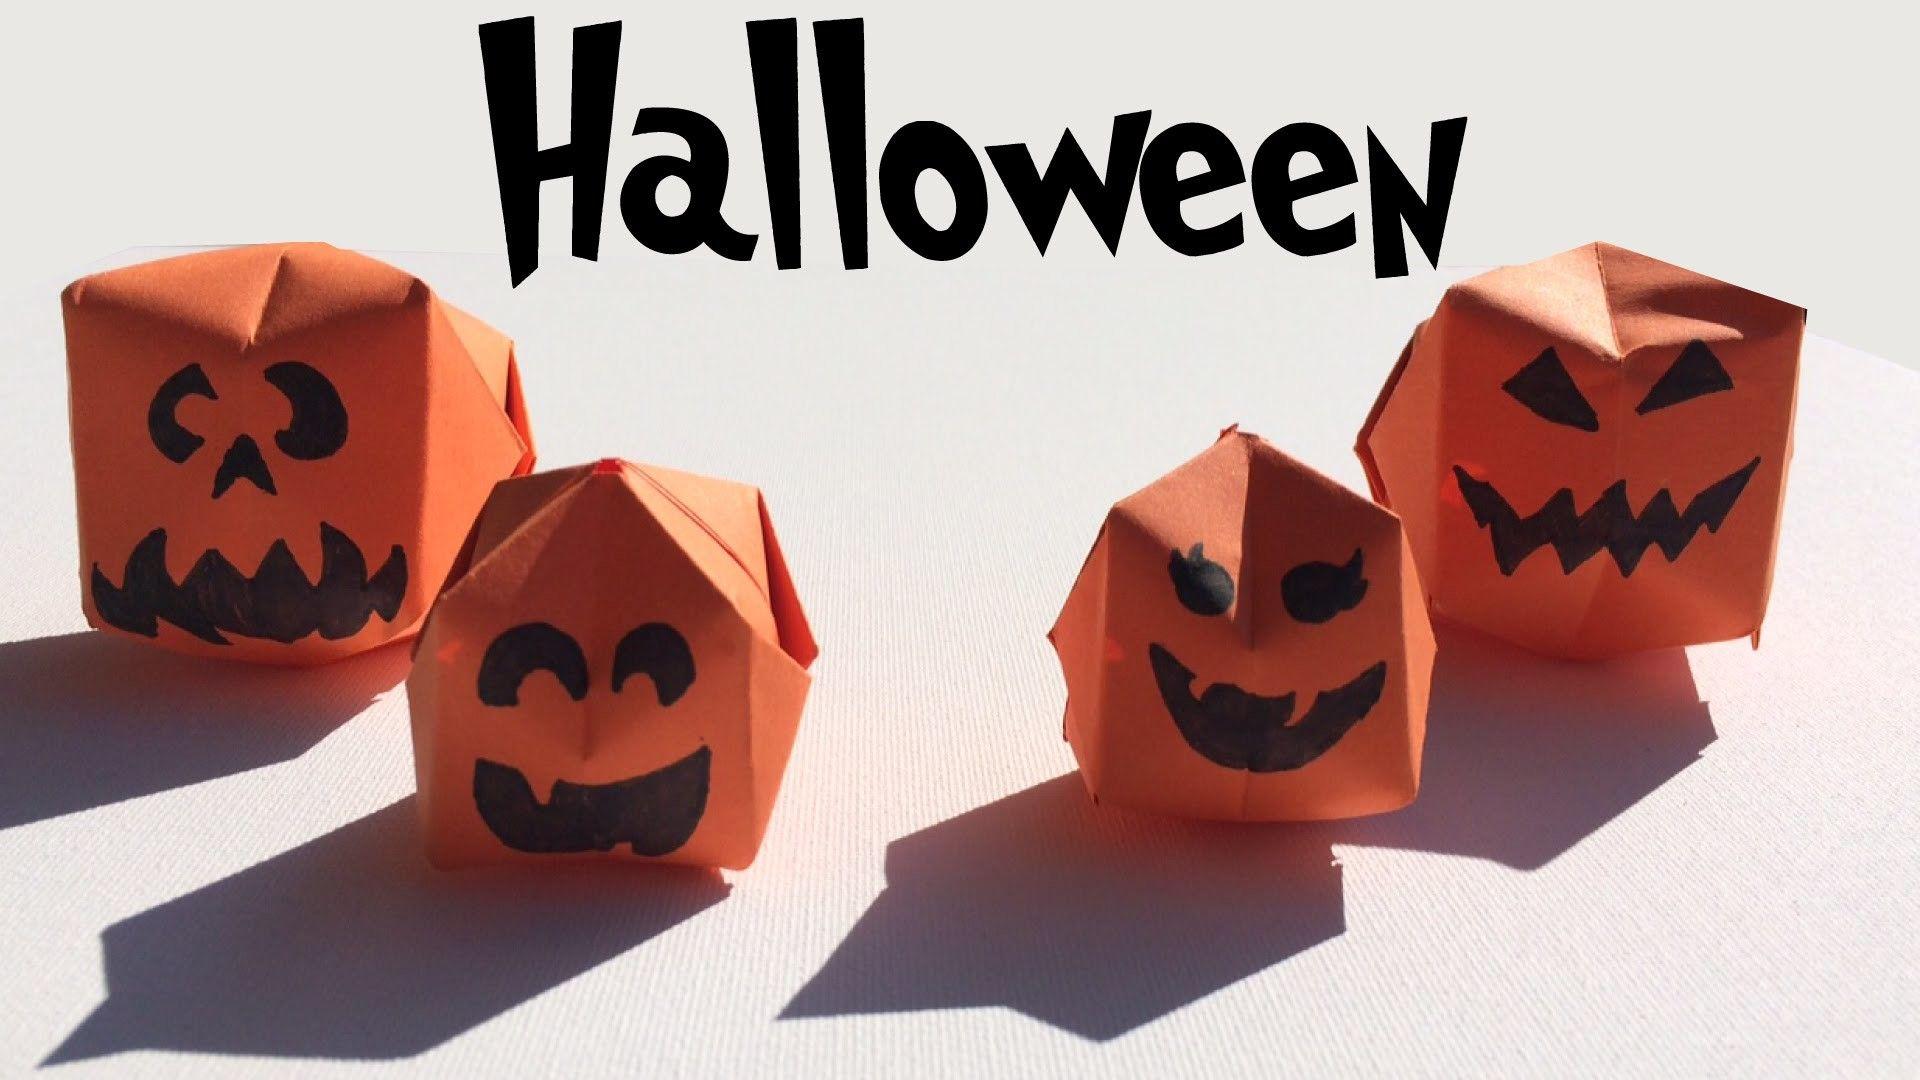 Hoe Maak Je Halloween Pompoenen.Halloween Pompoenen Vouwen Fun Origami Halloween Pumpkins